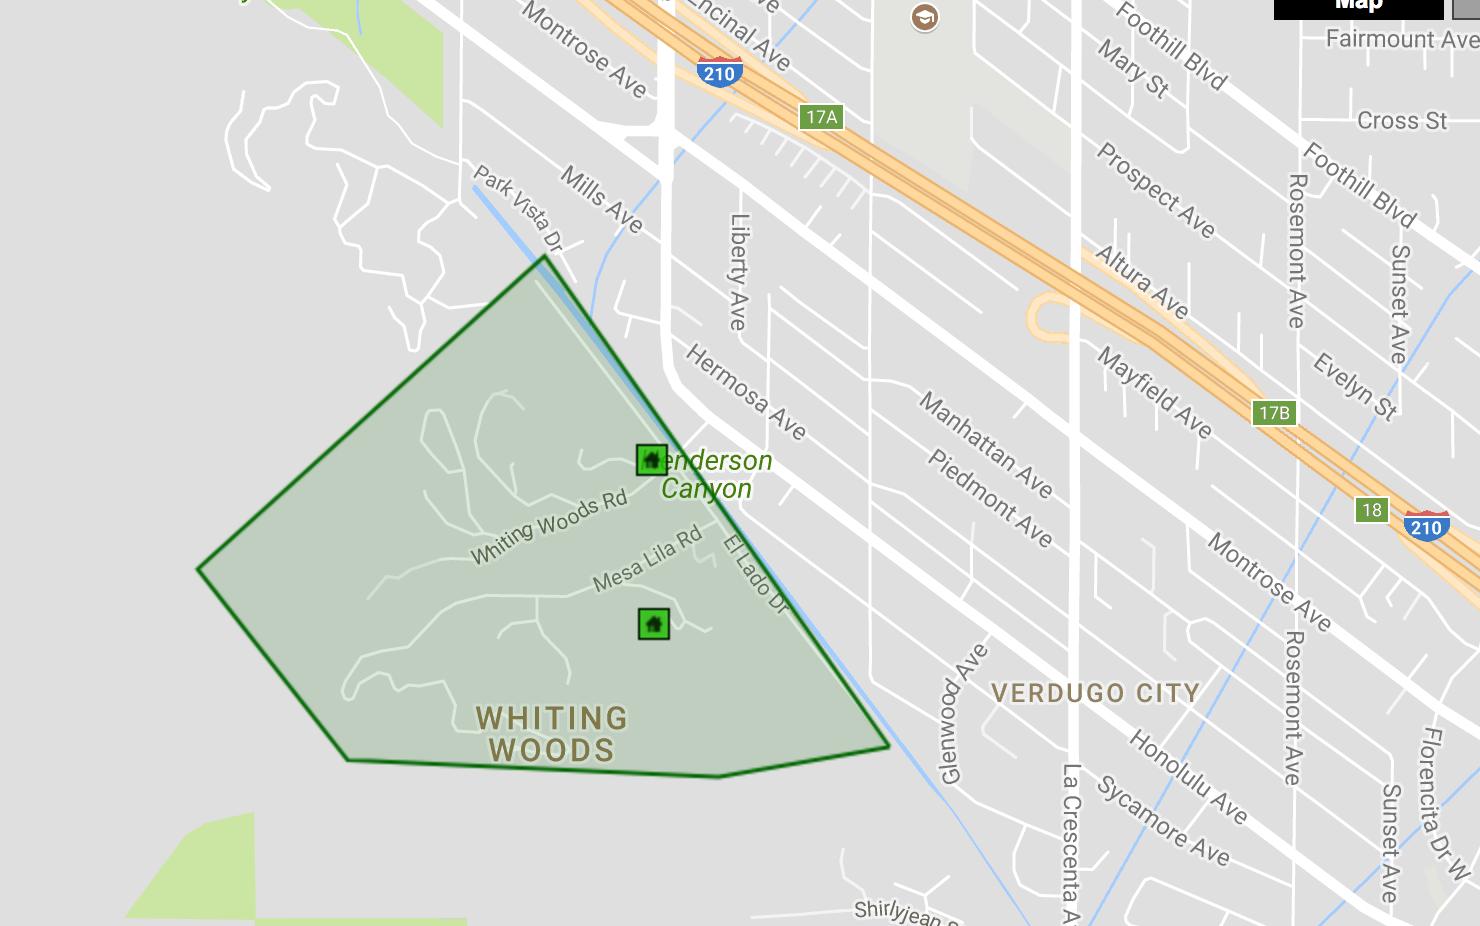 Map of the La Crescenta Neighborhood Whiting Woods